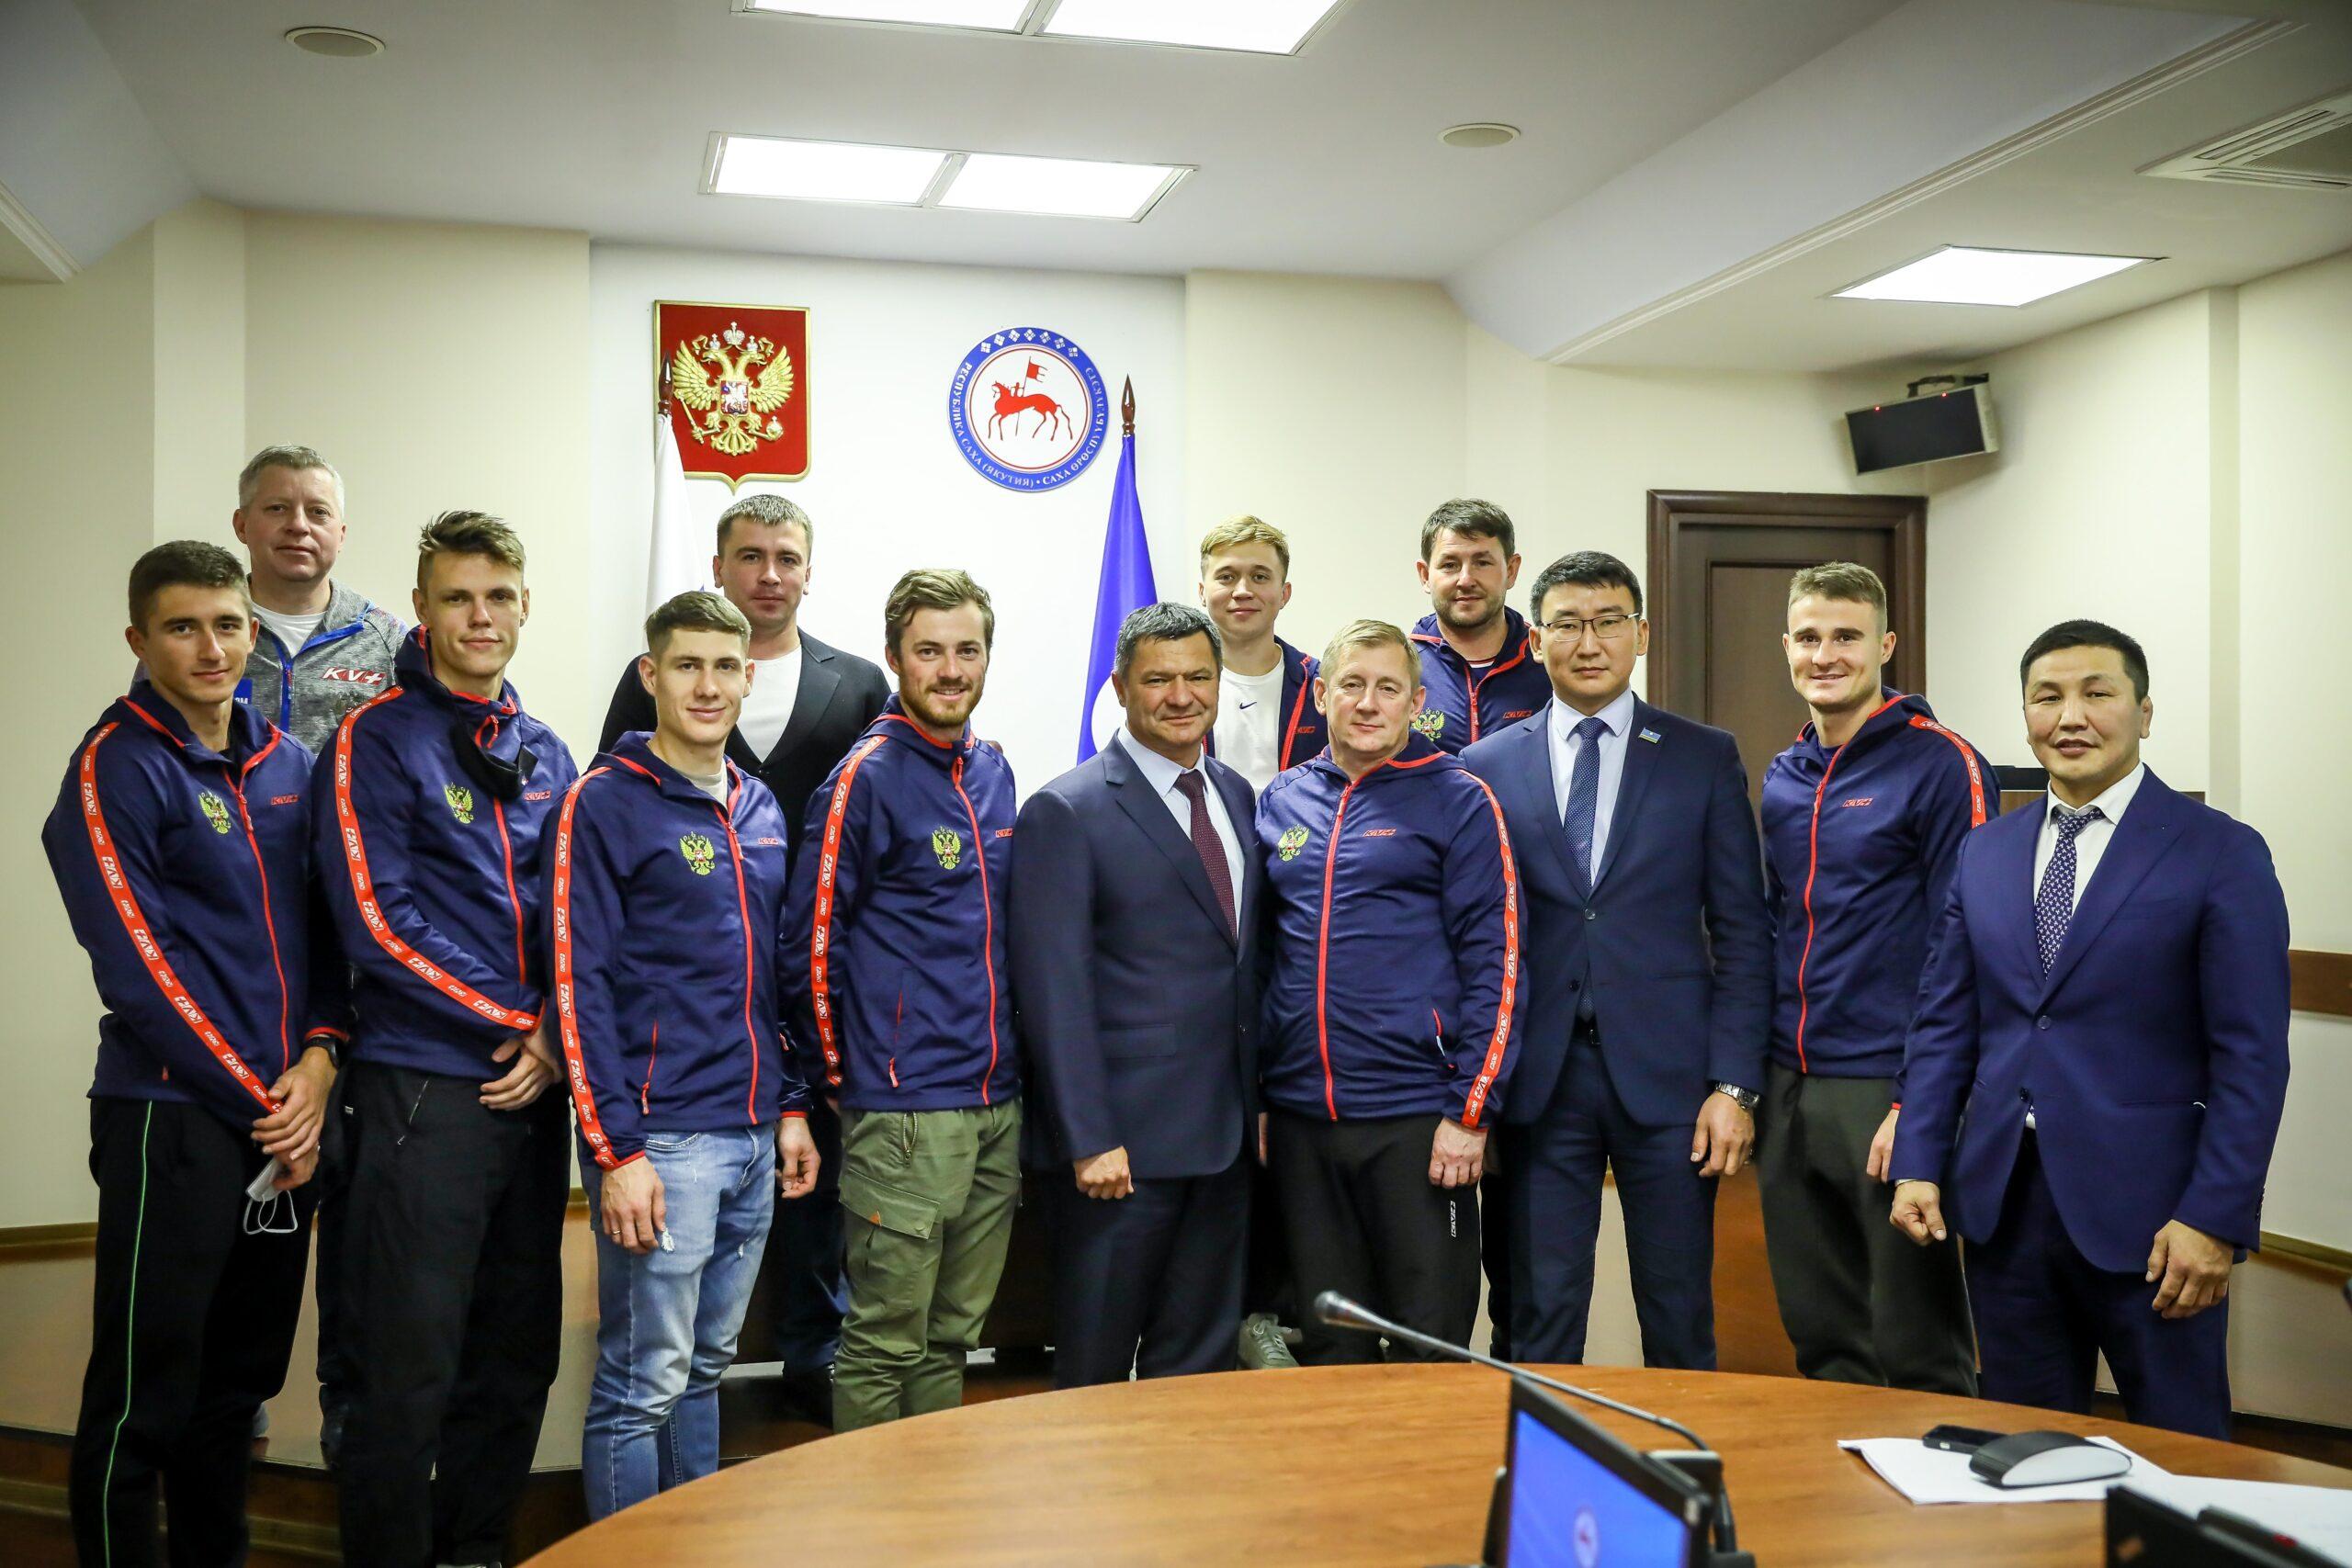 Сборная России по биатлону прибыла на тренировки в Якутию